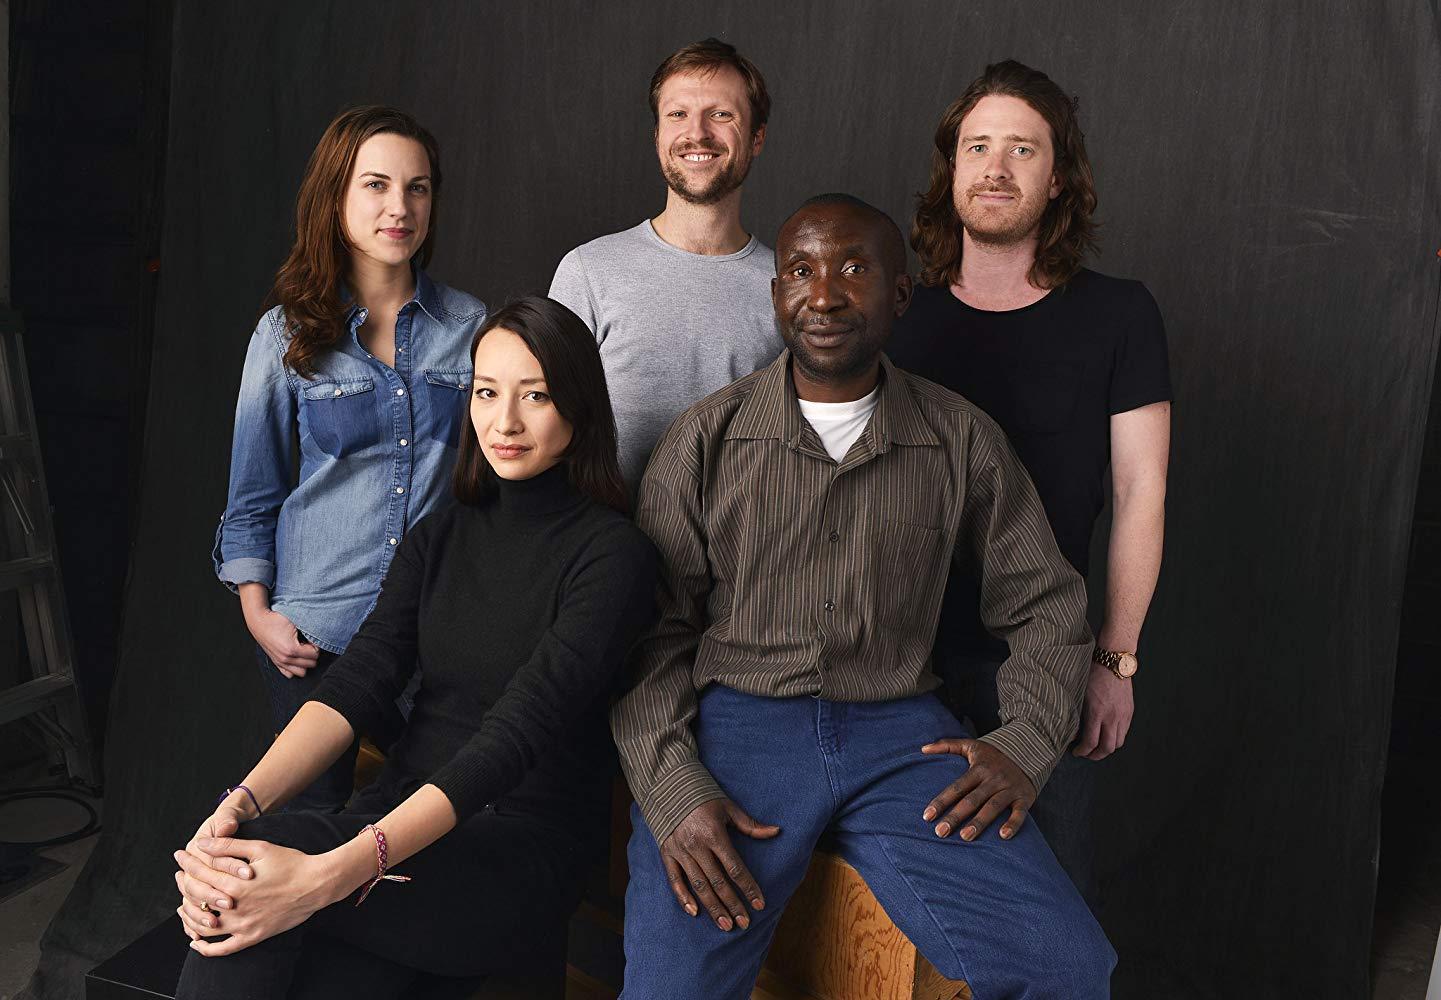 مشاهدة فيلم Virunga 2014 HD مترجم كامل اون لاين